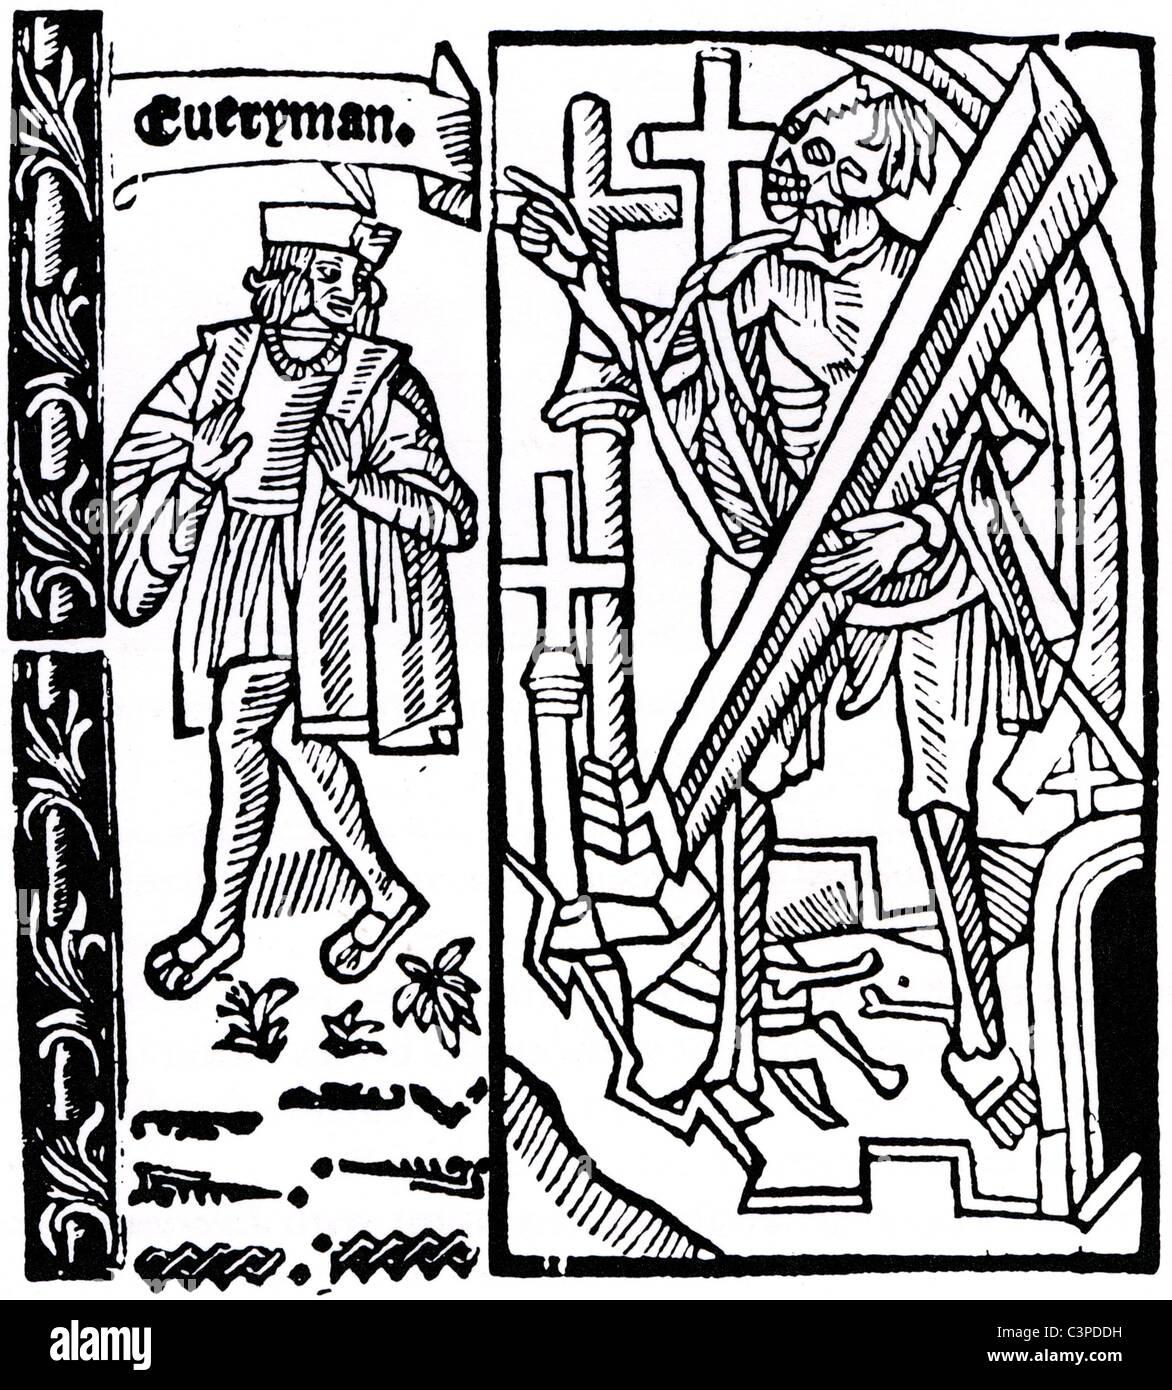 EVERYMAN xilografia dal titolo pagina di 1530 edizione della moralità medievale giocare Immagini Stock